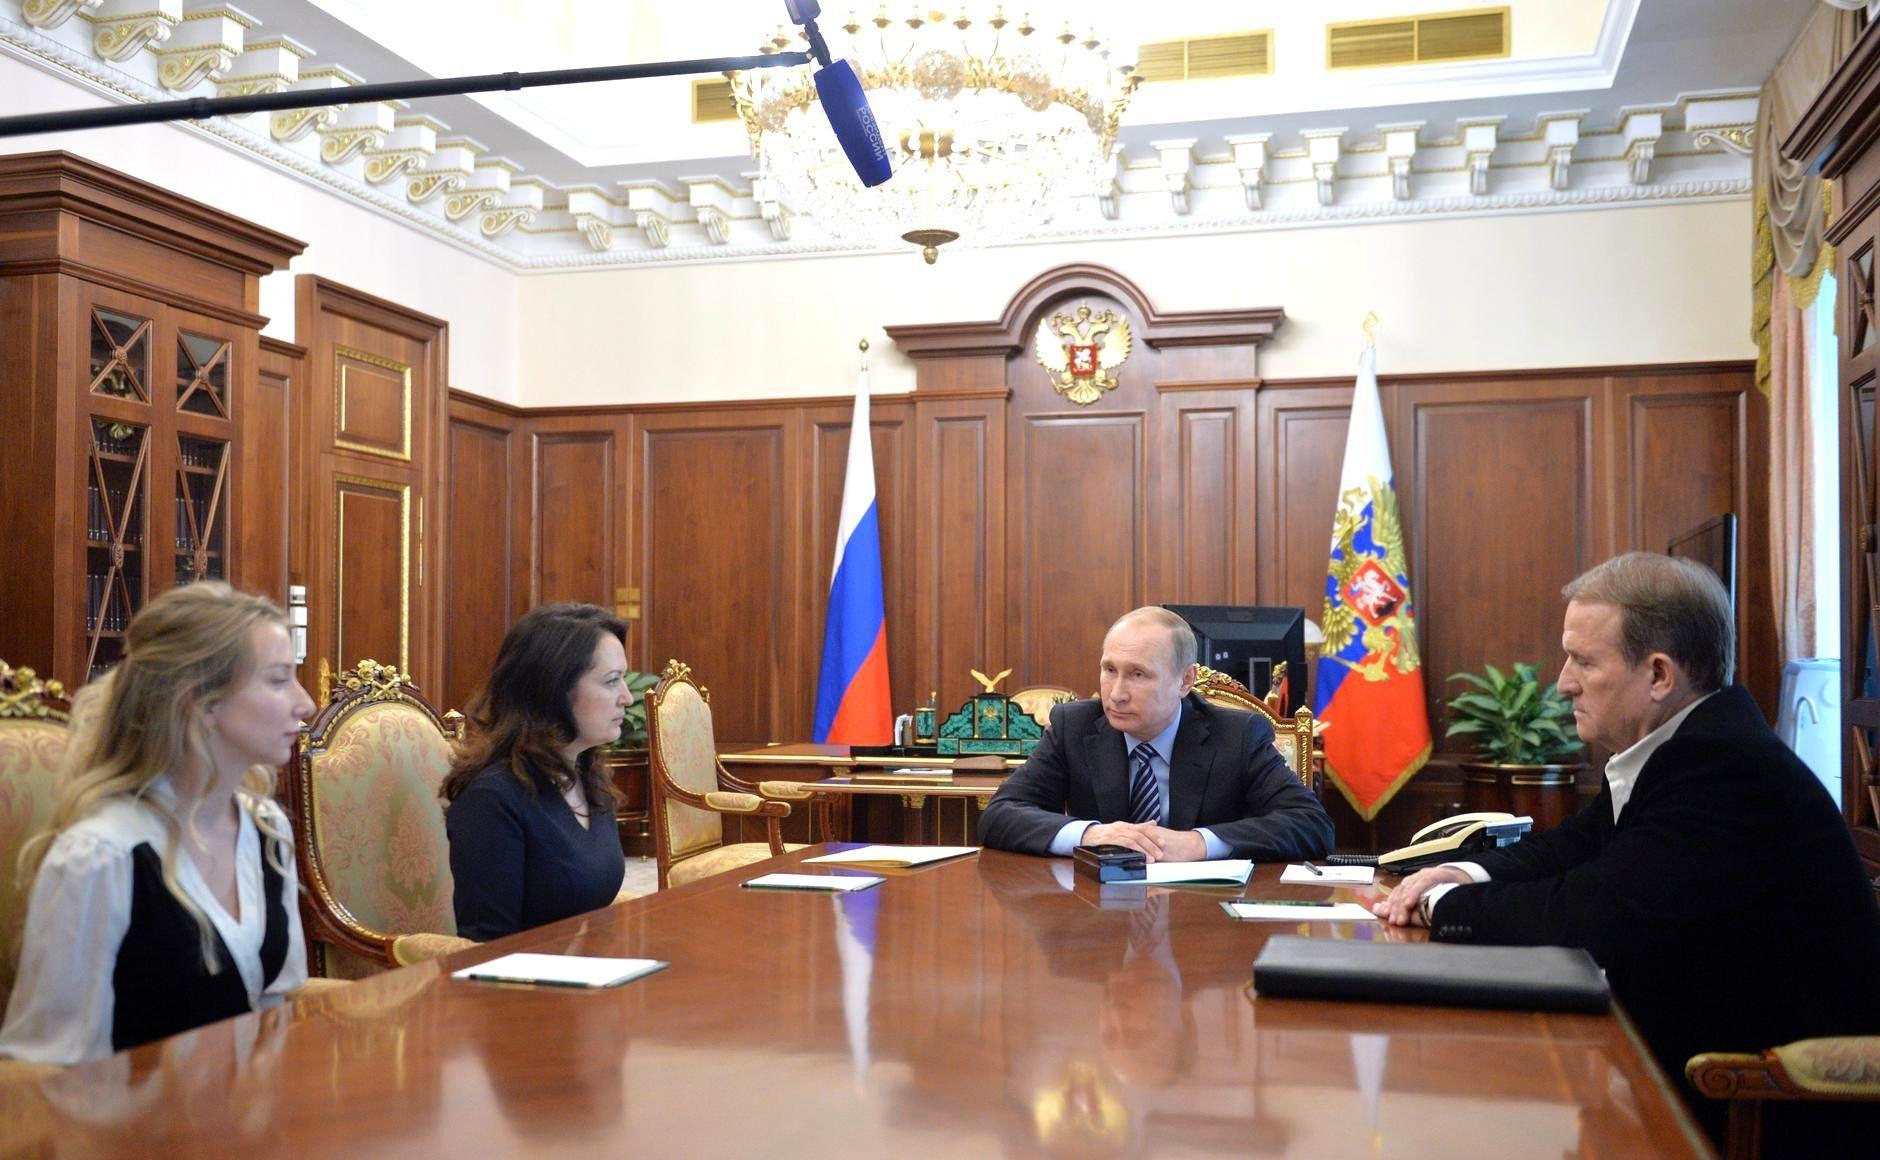 Встреча у Путина